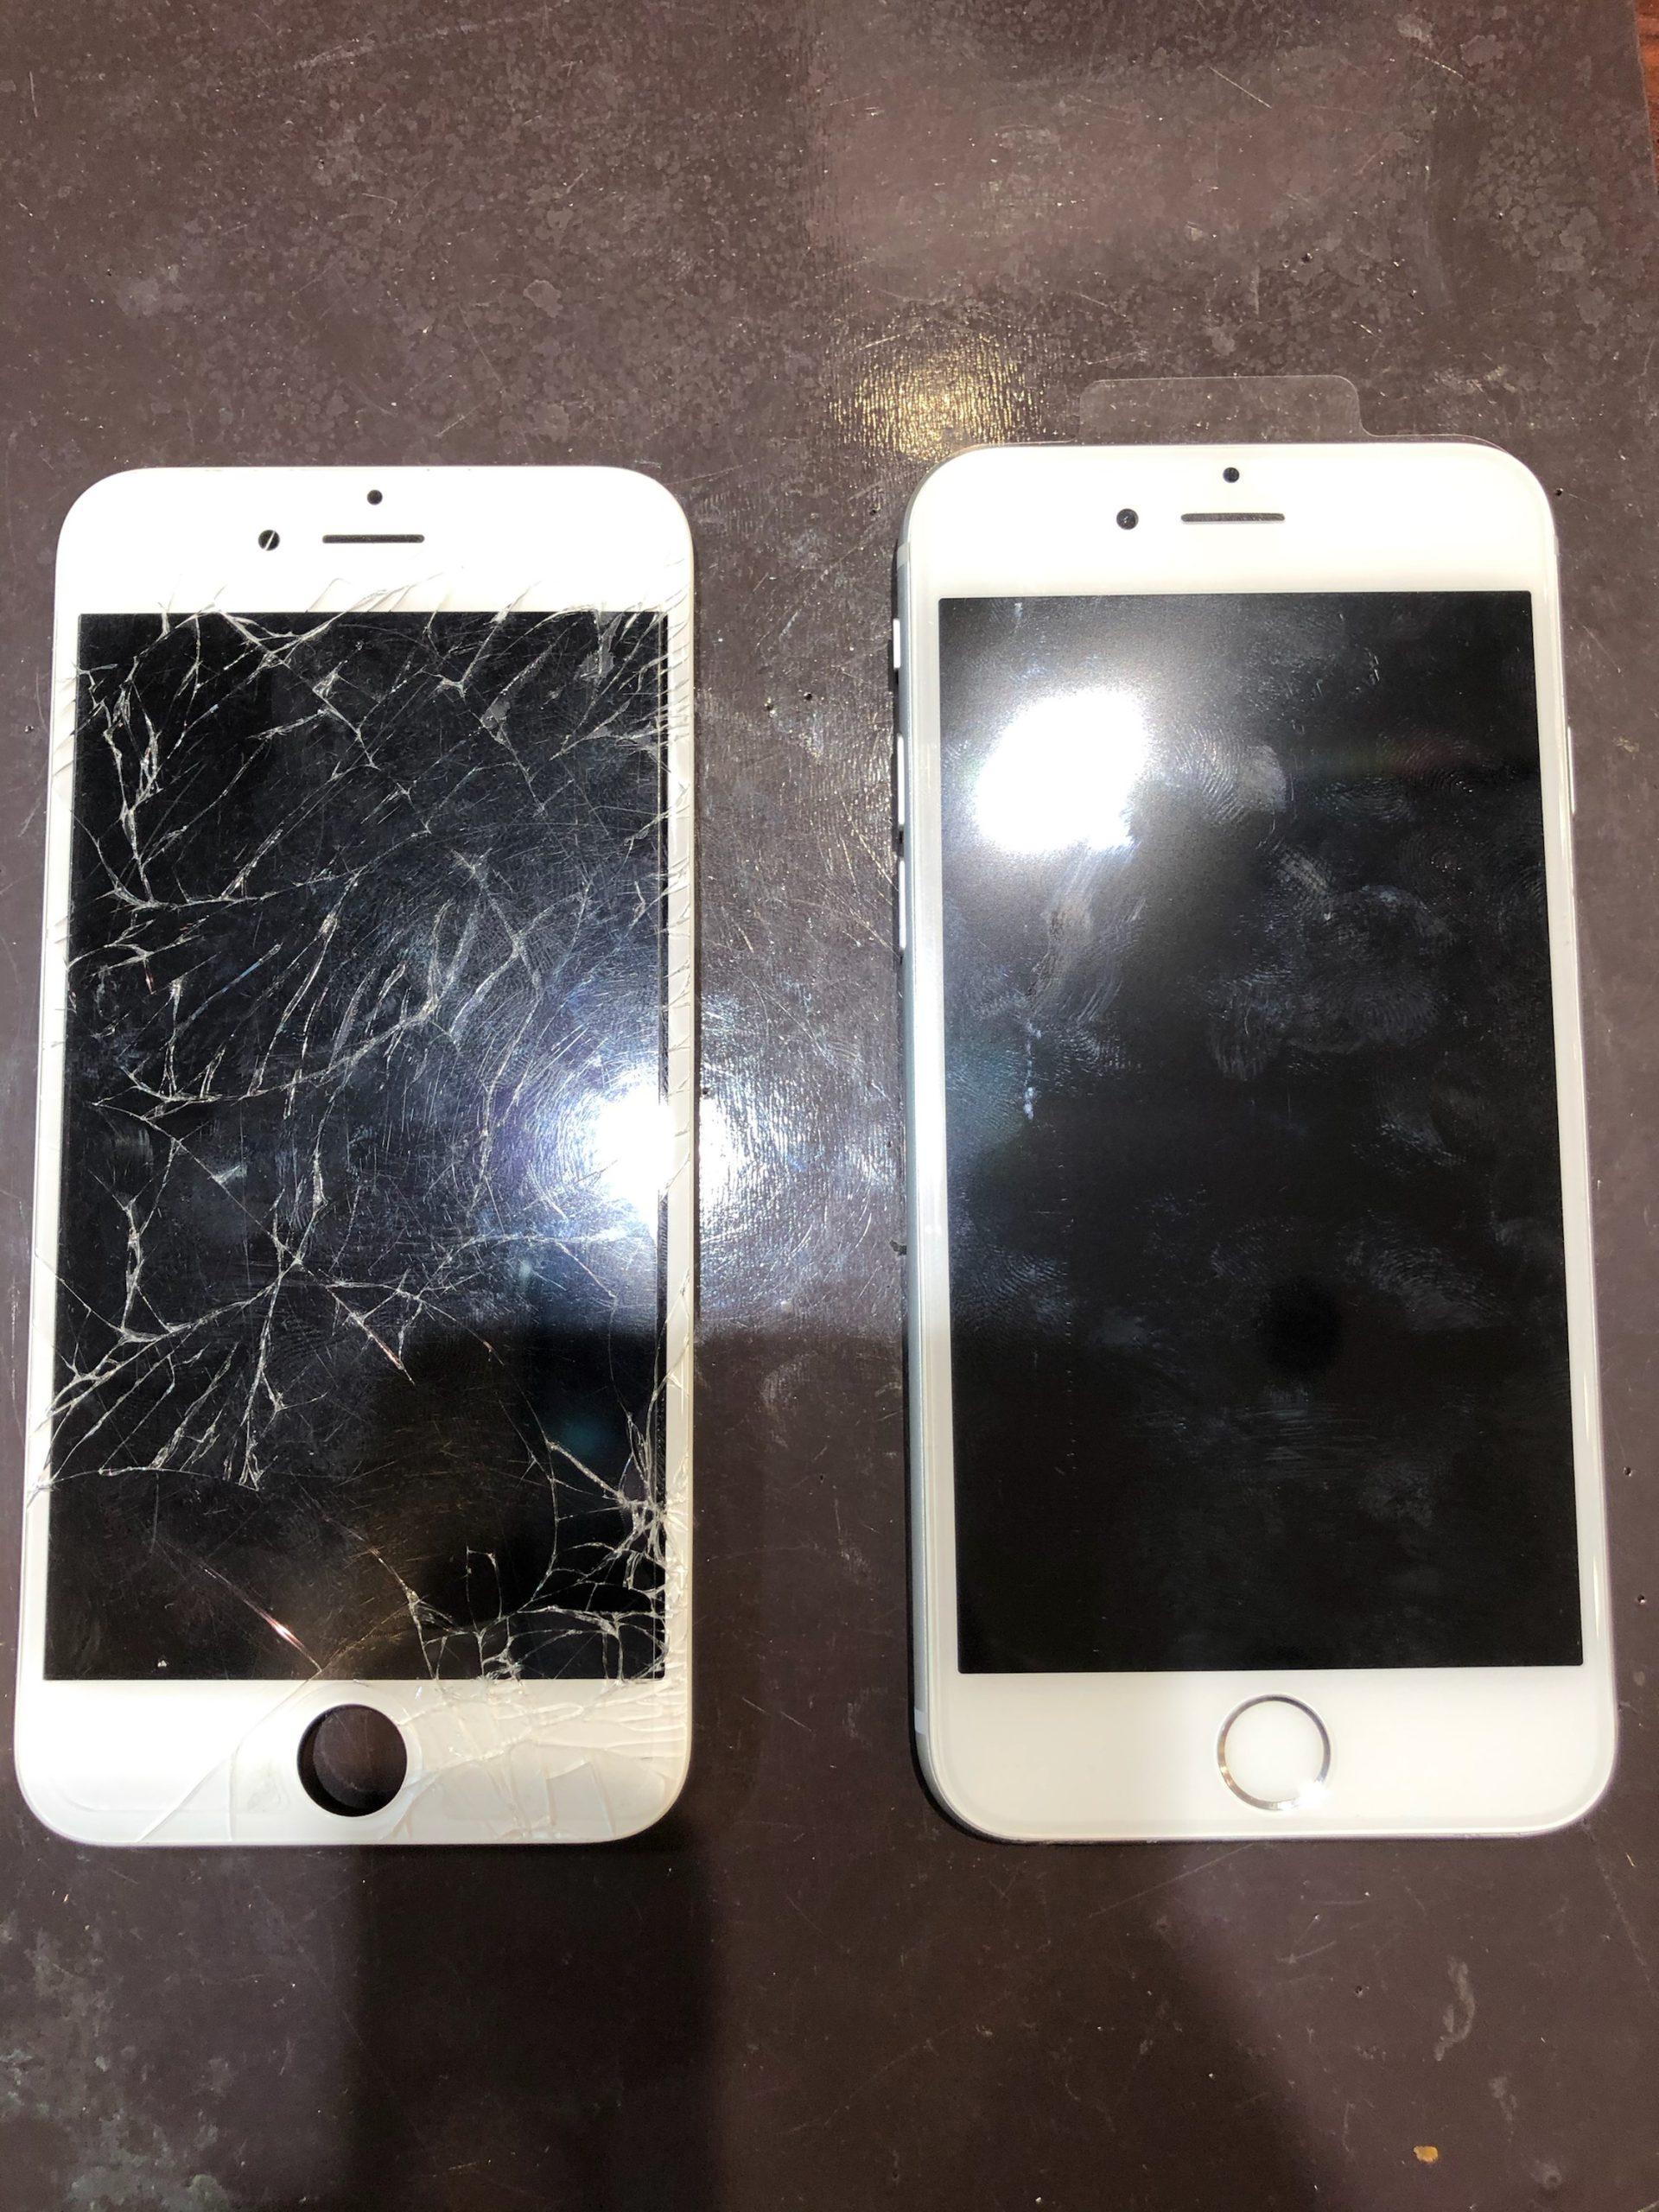 【iPhone修理】画面交換ならデータそのままでお修理可能のスマートクールつかしん店へ!!最短約30分~でお修理完了!!飛込みでも大歓迎!《尼崎・伊丹・宝塚・川西》